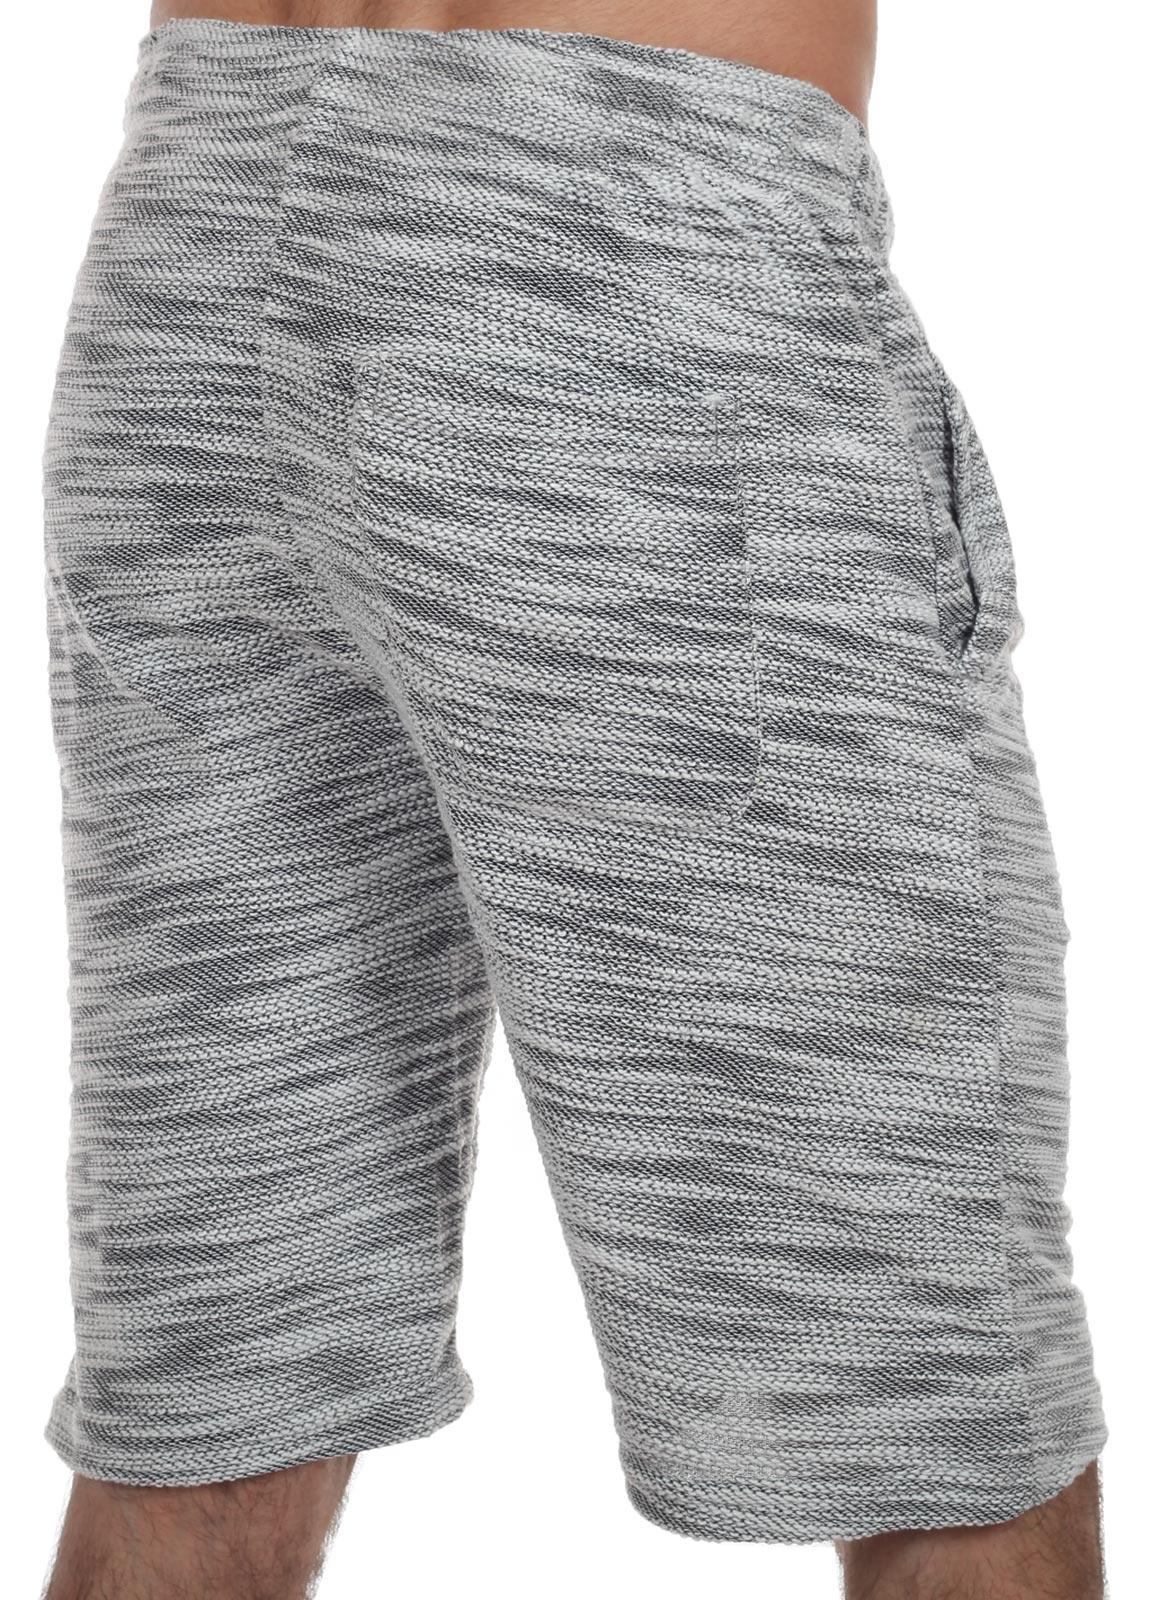 Купить в Москве трикотажные мужские шорты Growth by Grail с карманами